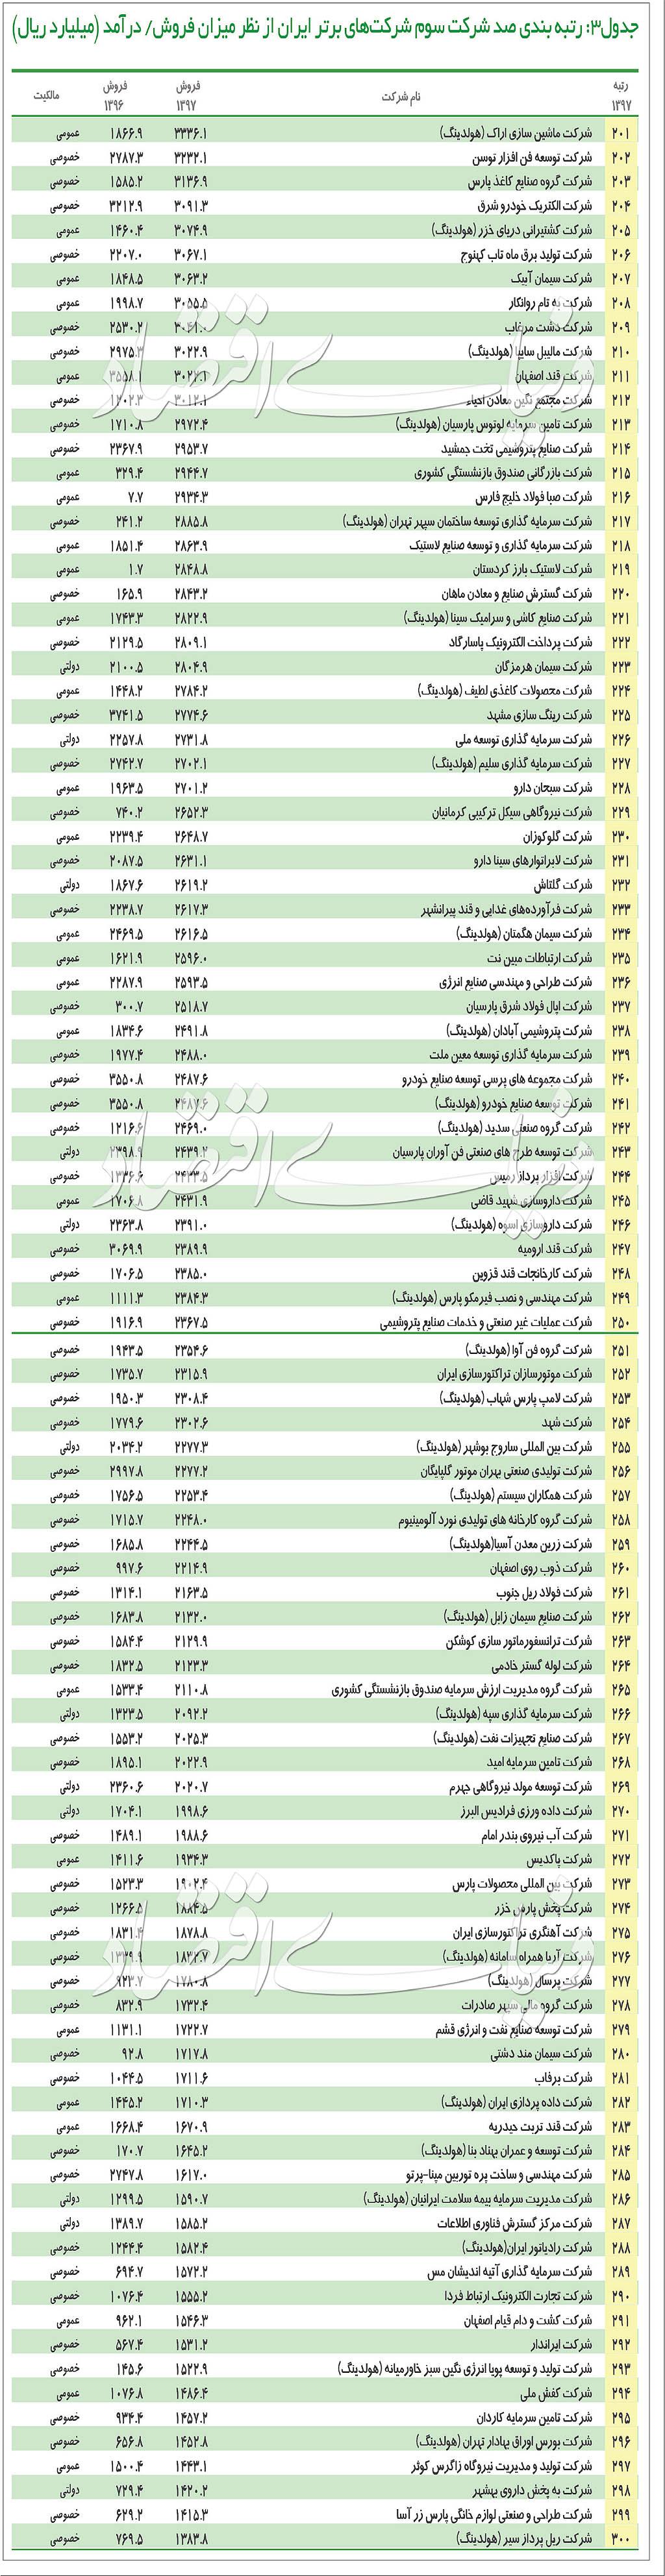 ۵۰۰ شرکت بزرگ ایران را بشناسید+ جدول